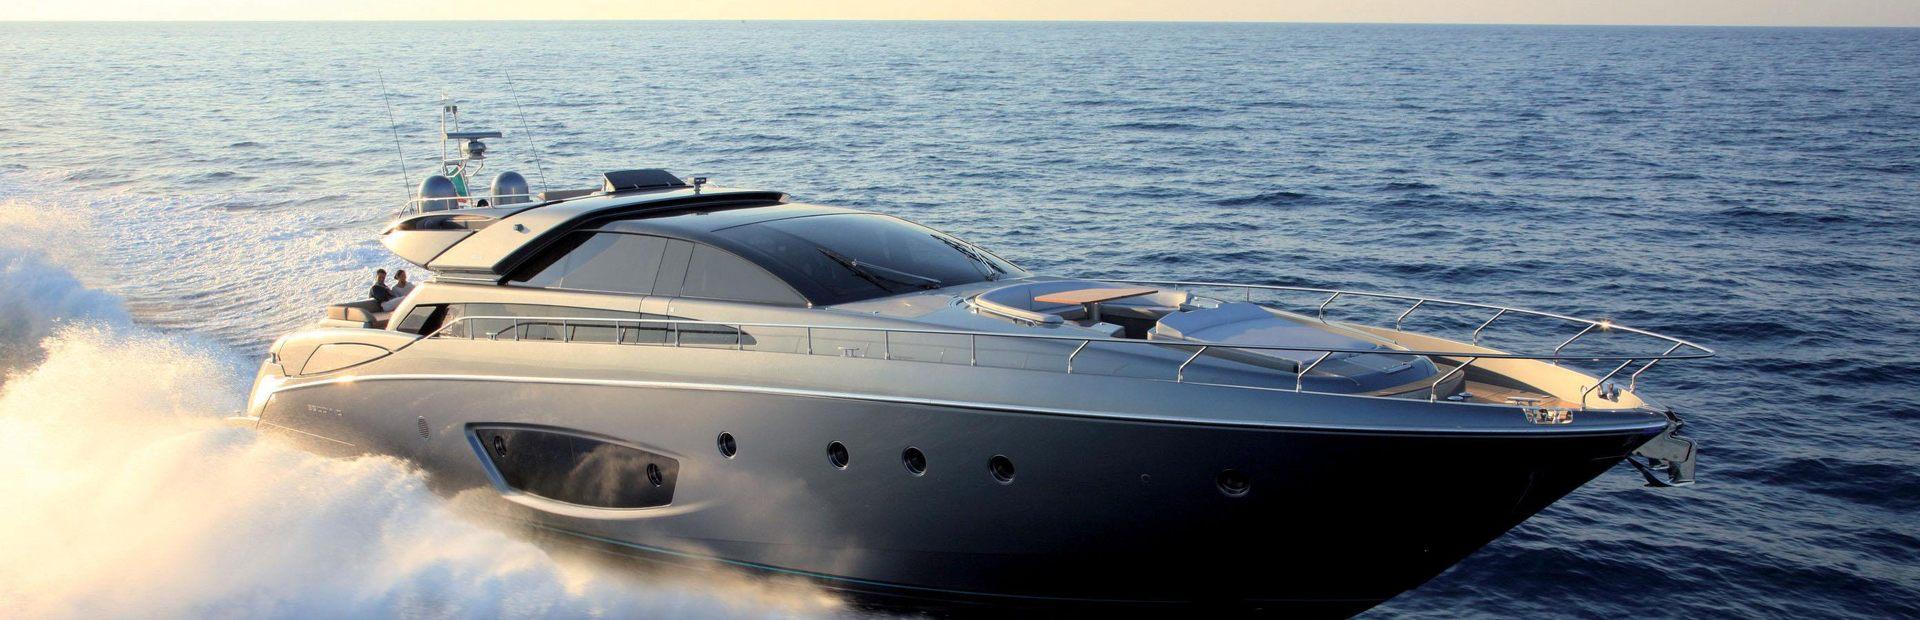 86' Domino Yacht Charter